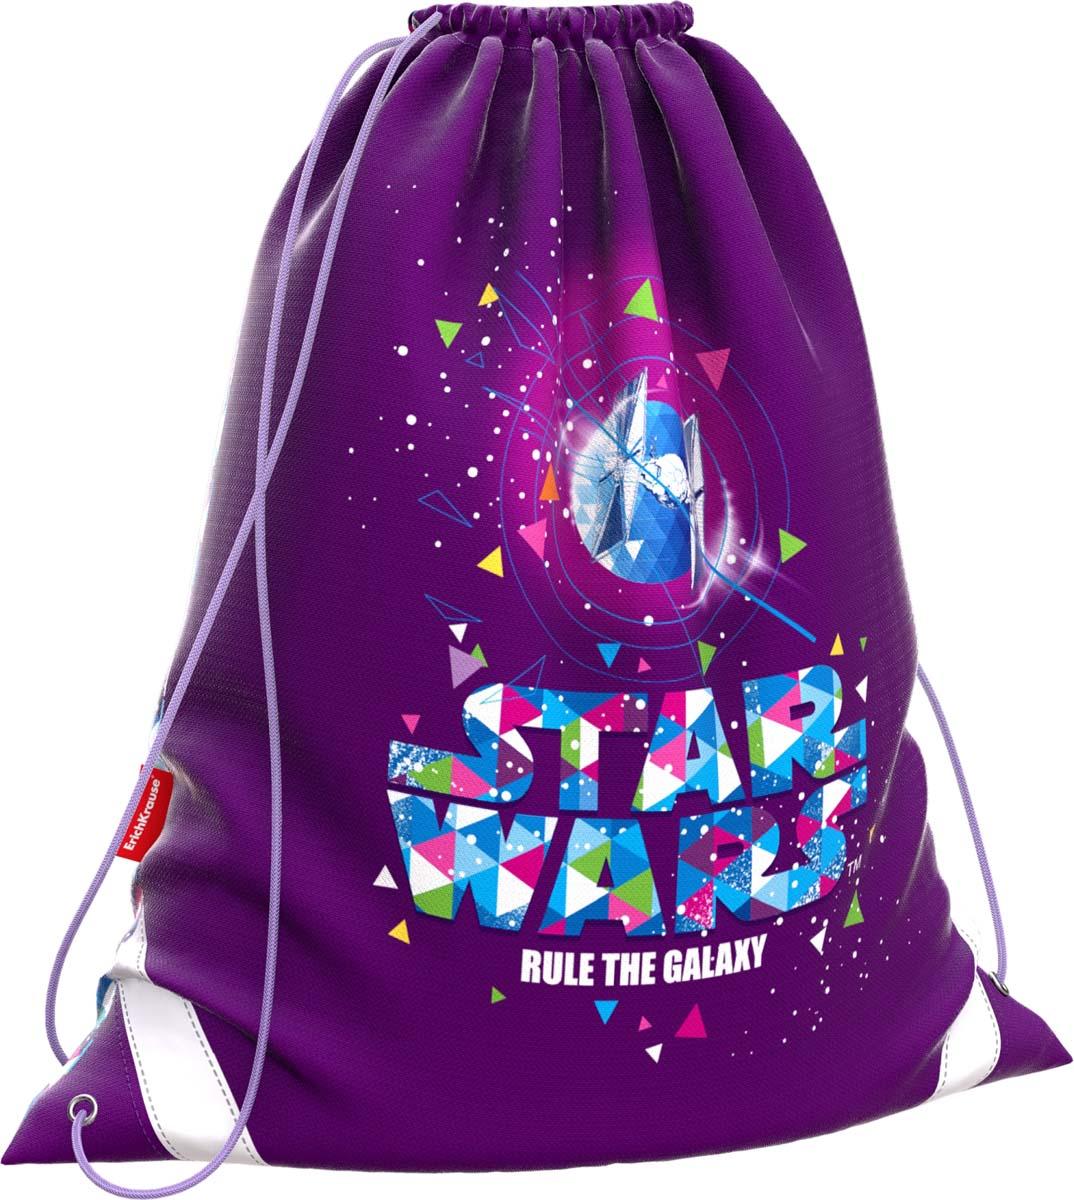 Disney Сумка для сменной обуви Звездные войны Галактика disney disney школьной зрачки девушка 3 4 6 сортов отдыха и путешествия плеча сумка 0168 розовых детского рюкзак